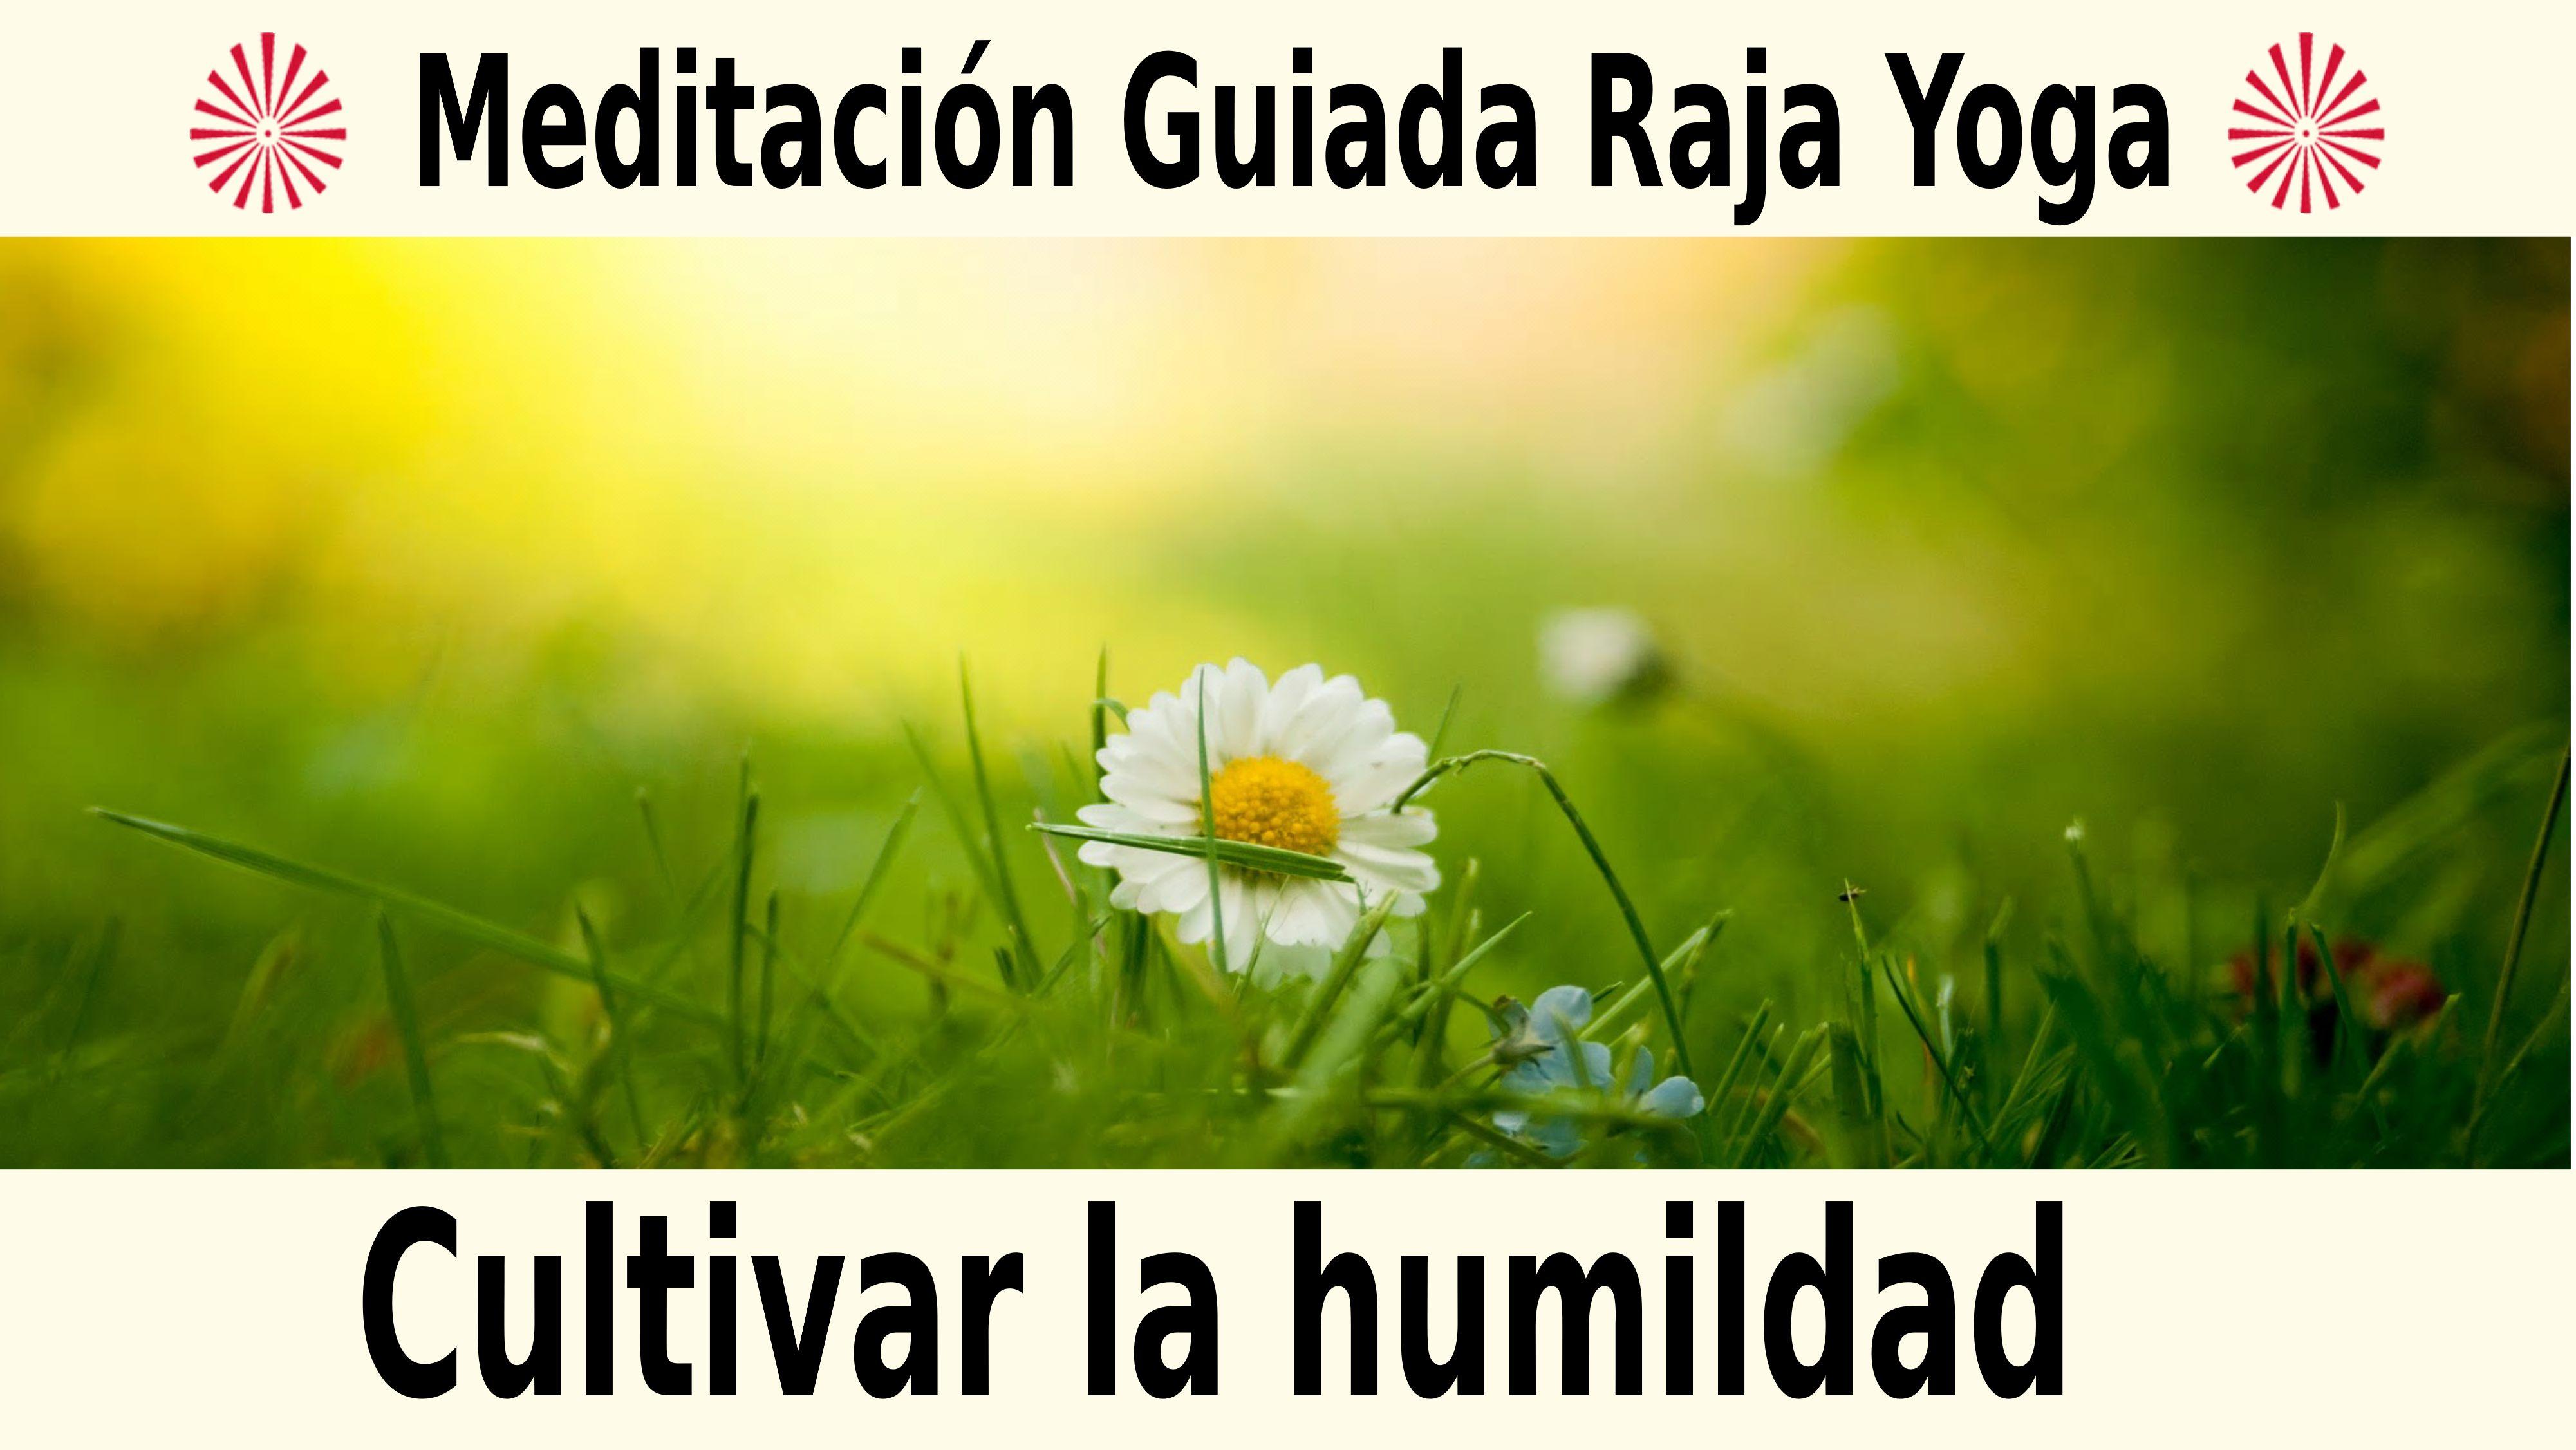 Meditación Raja Yoga: Cultivar la humildad (6 Noviembre 2020) On-line desde Madrid